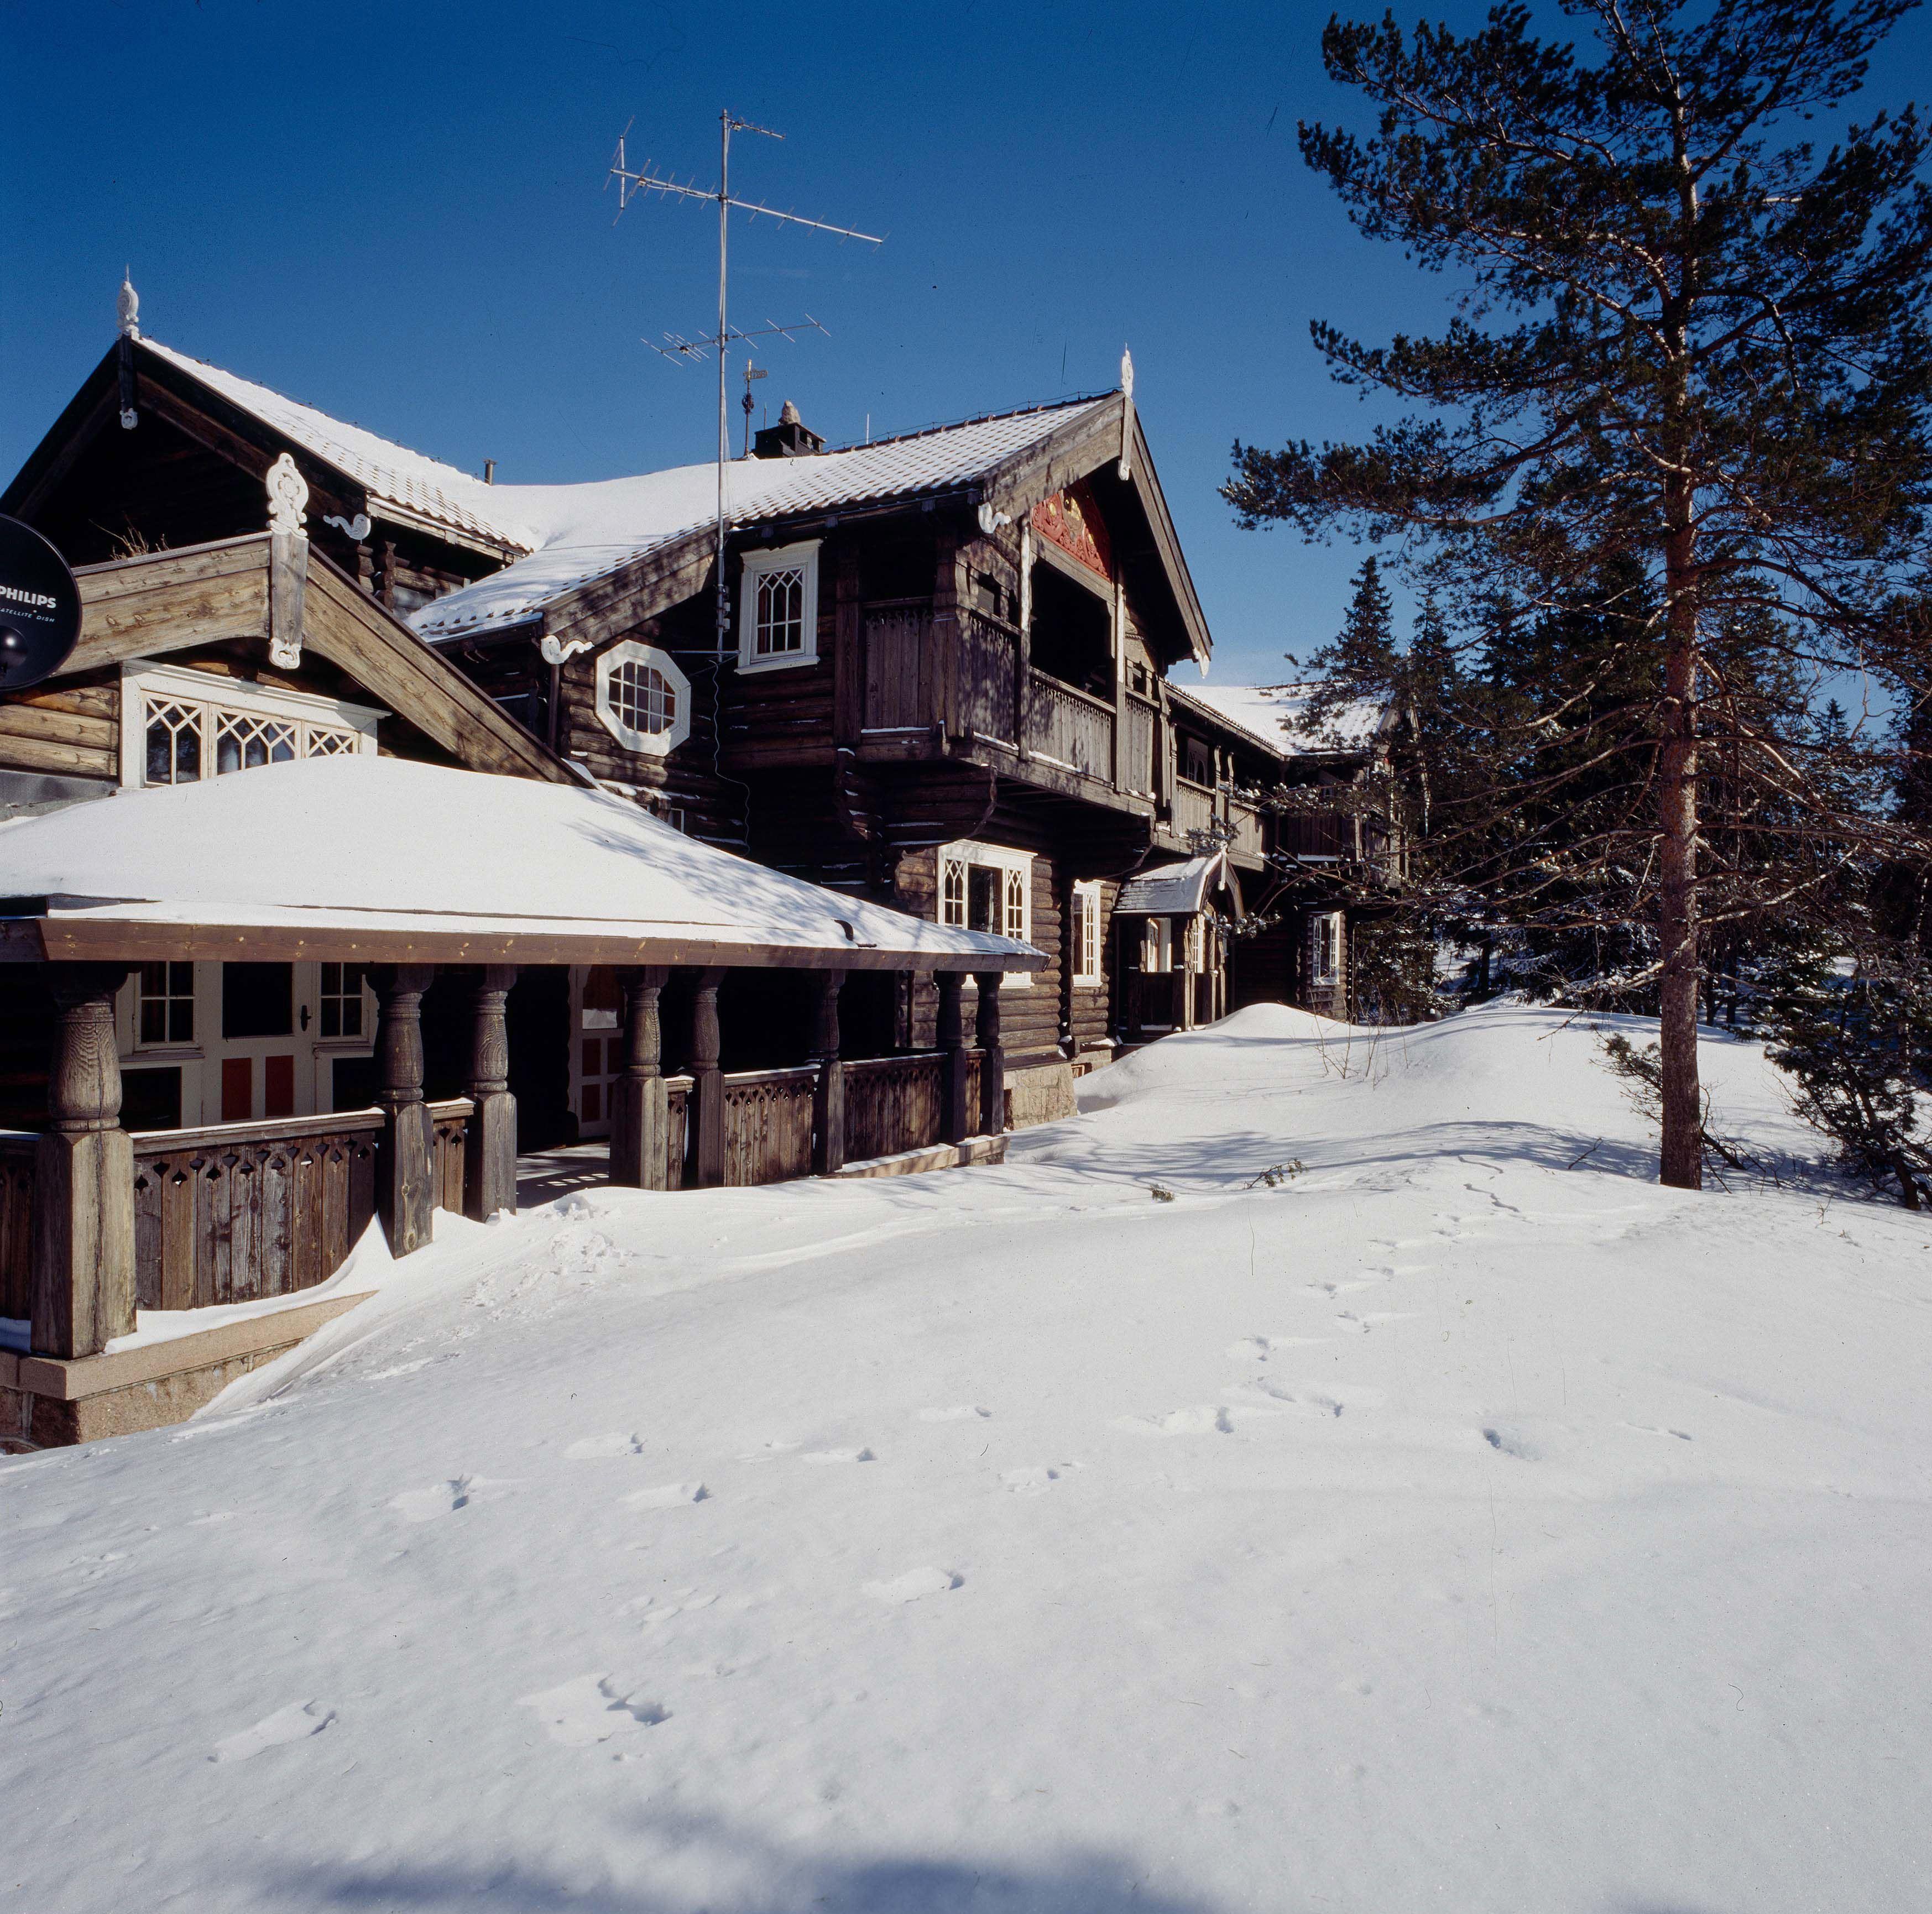 """Prinzessin Mette-Marit und Prinz Haakon feiern Weihnachten in ihrem Ferienhaus """"Kongsseteren""""."""